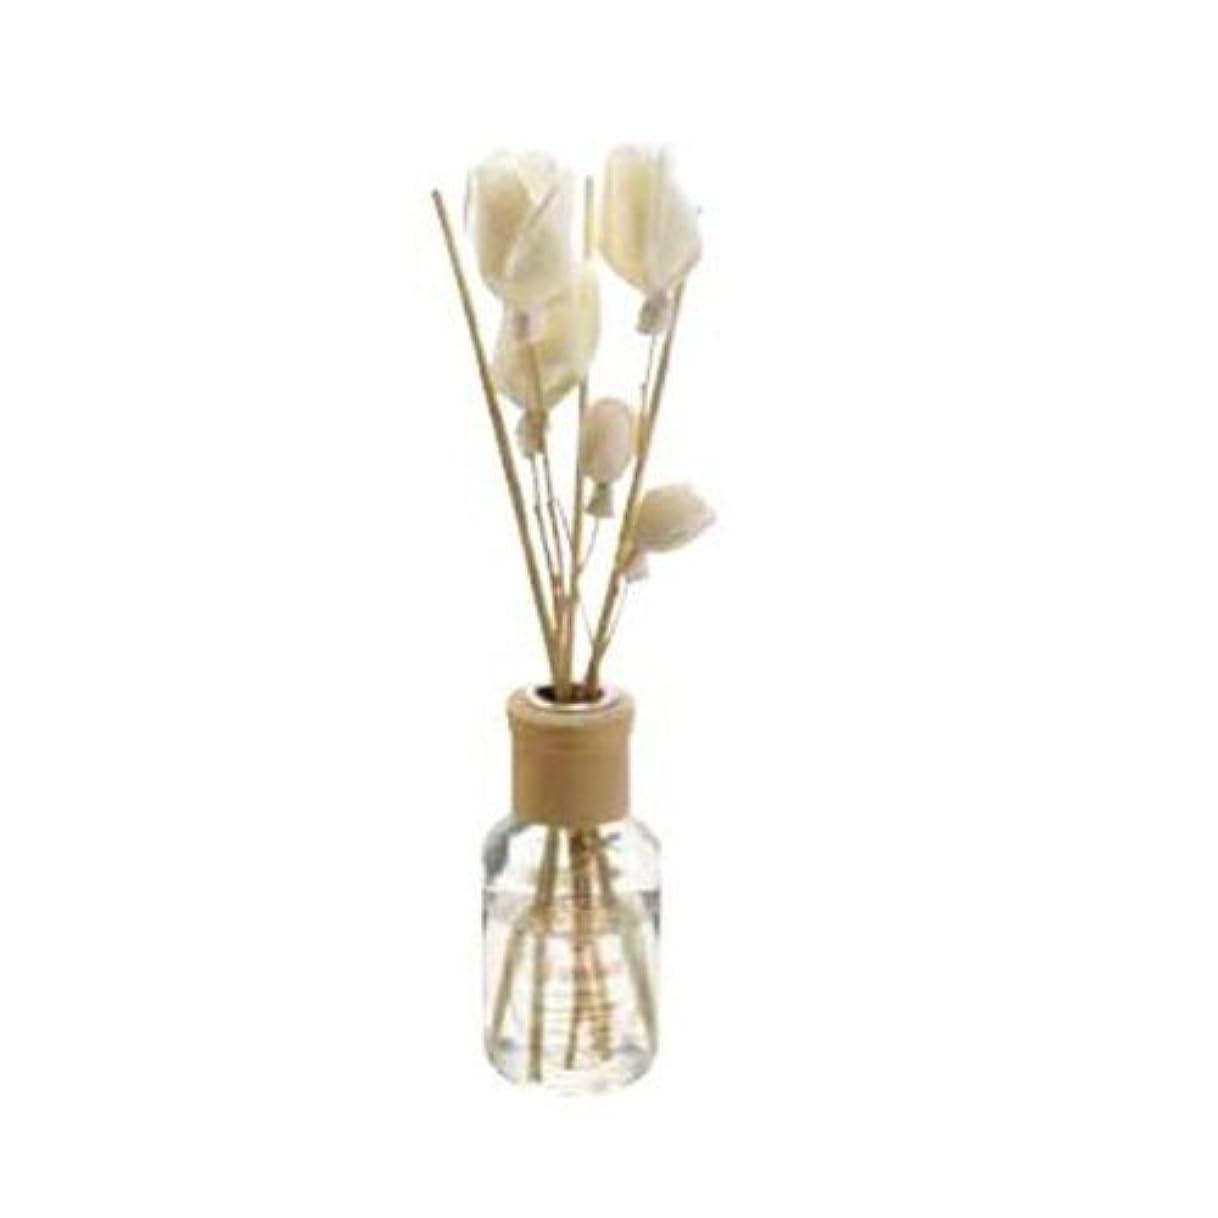 論理会話植生グレース サンクタム フラワー ディフューザー [ ルームフレグランス ] goody grams GRACE SANCTUM Flower Diffuser 《 ROSE/ROSE BOWL 》